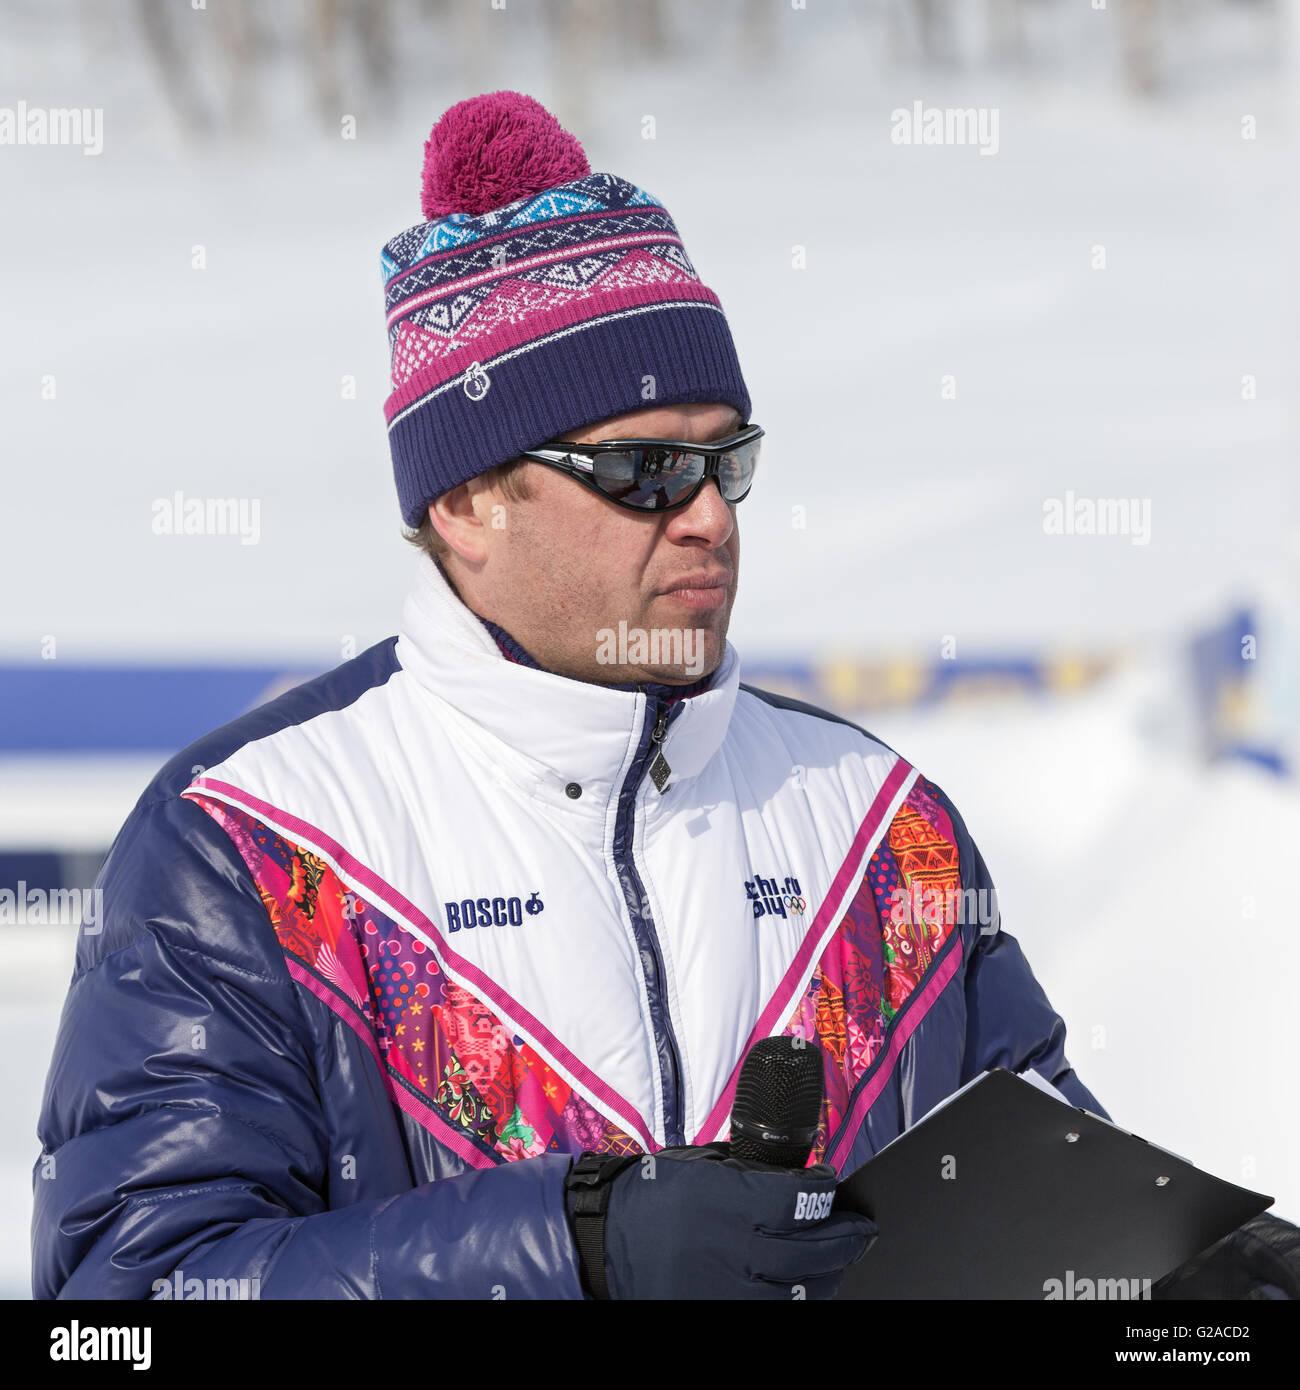 Guberniev Dmitry - Russian TV presenter, sports commentator. - Stock Image